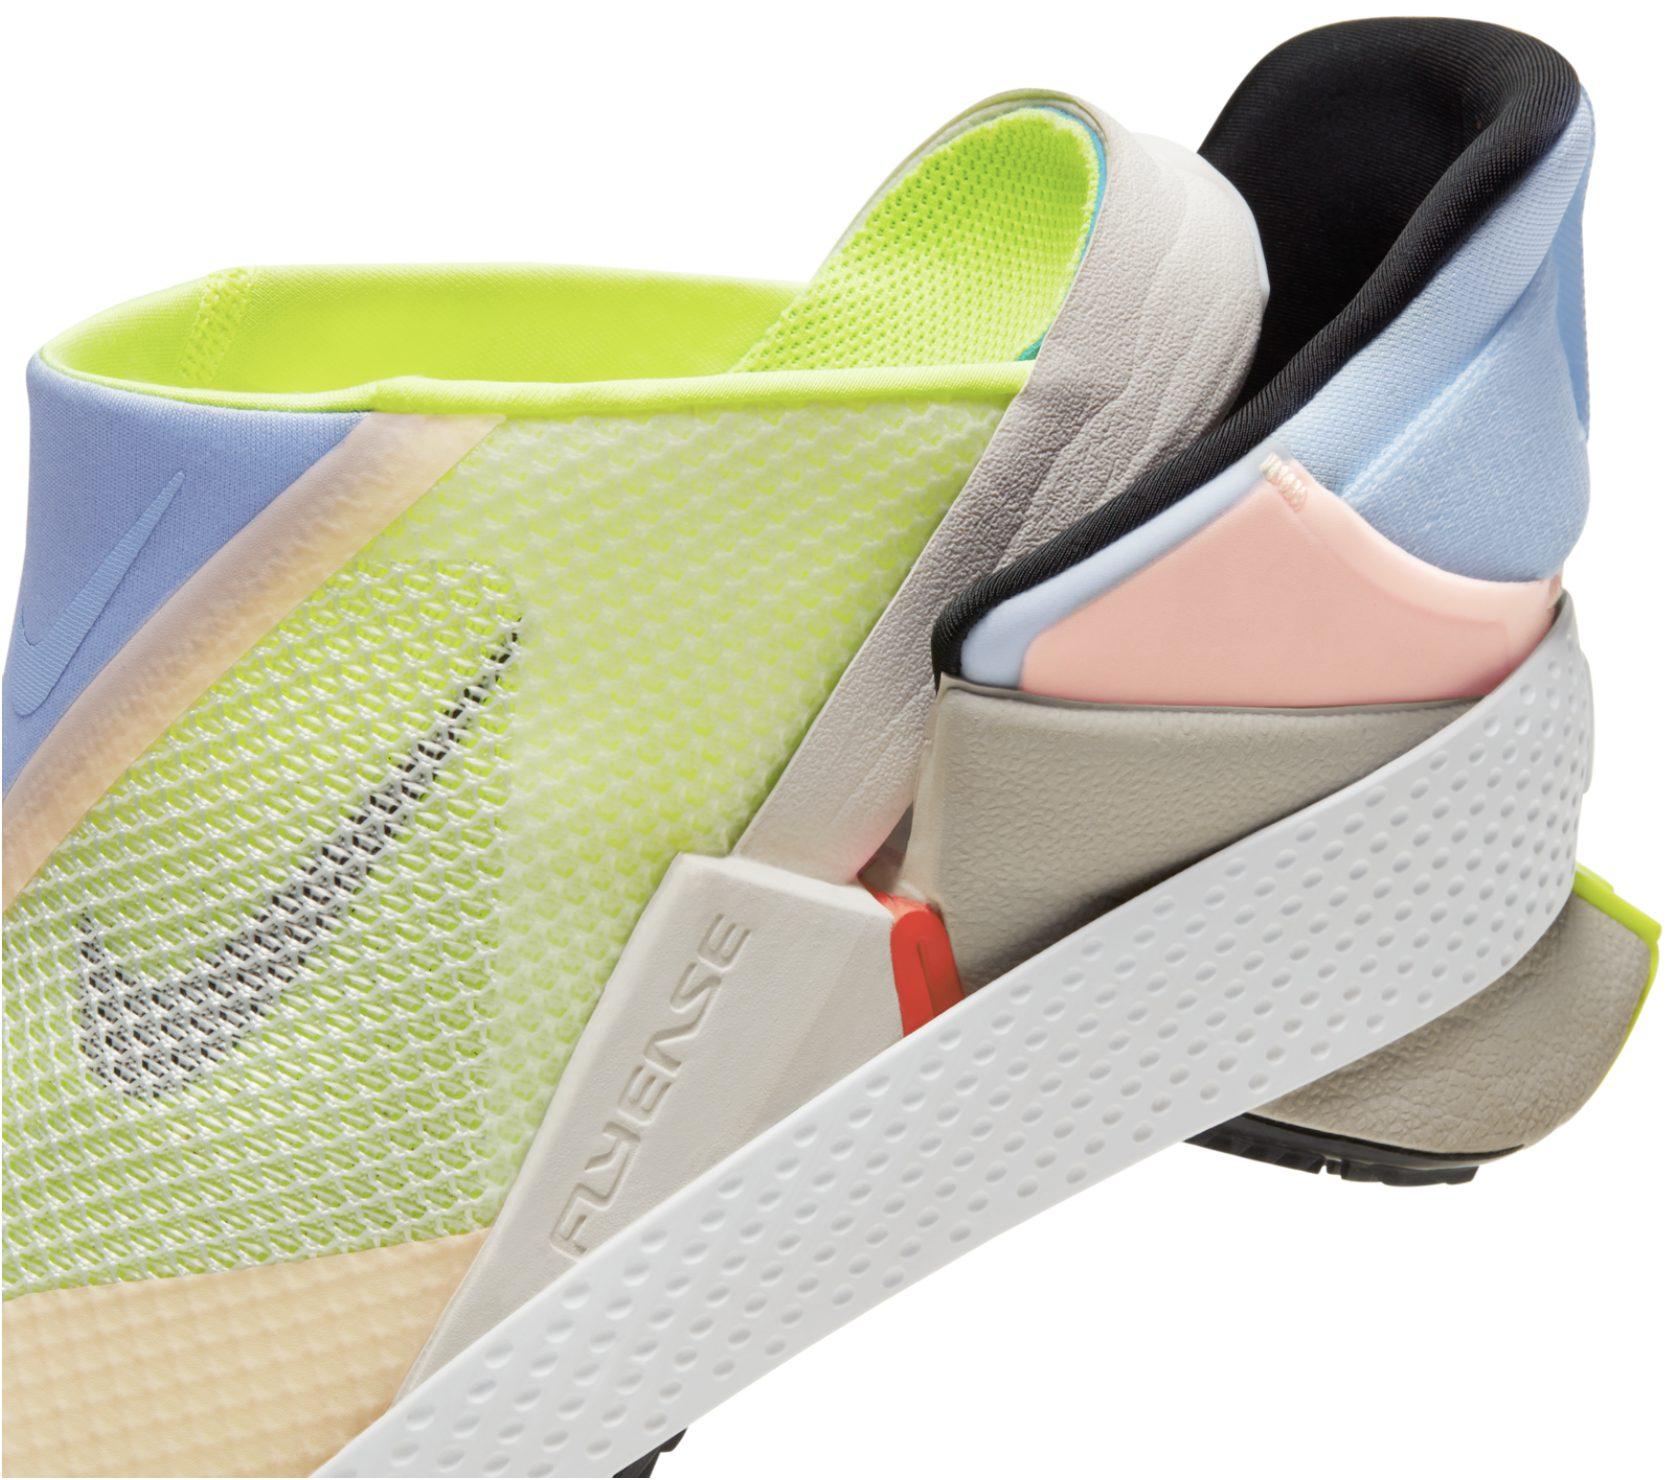 El Nike GO FlyEase tiene una bisagra biestable pendiente de patente y un tensor de entresuela que permite la entrada con manos libres.